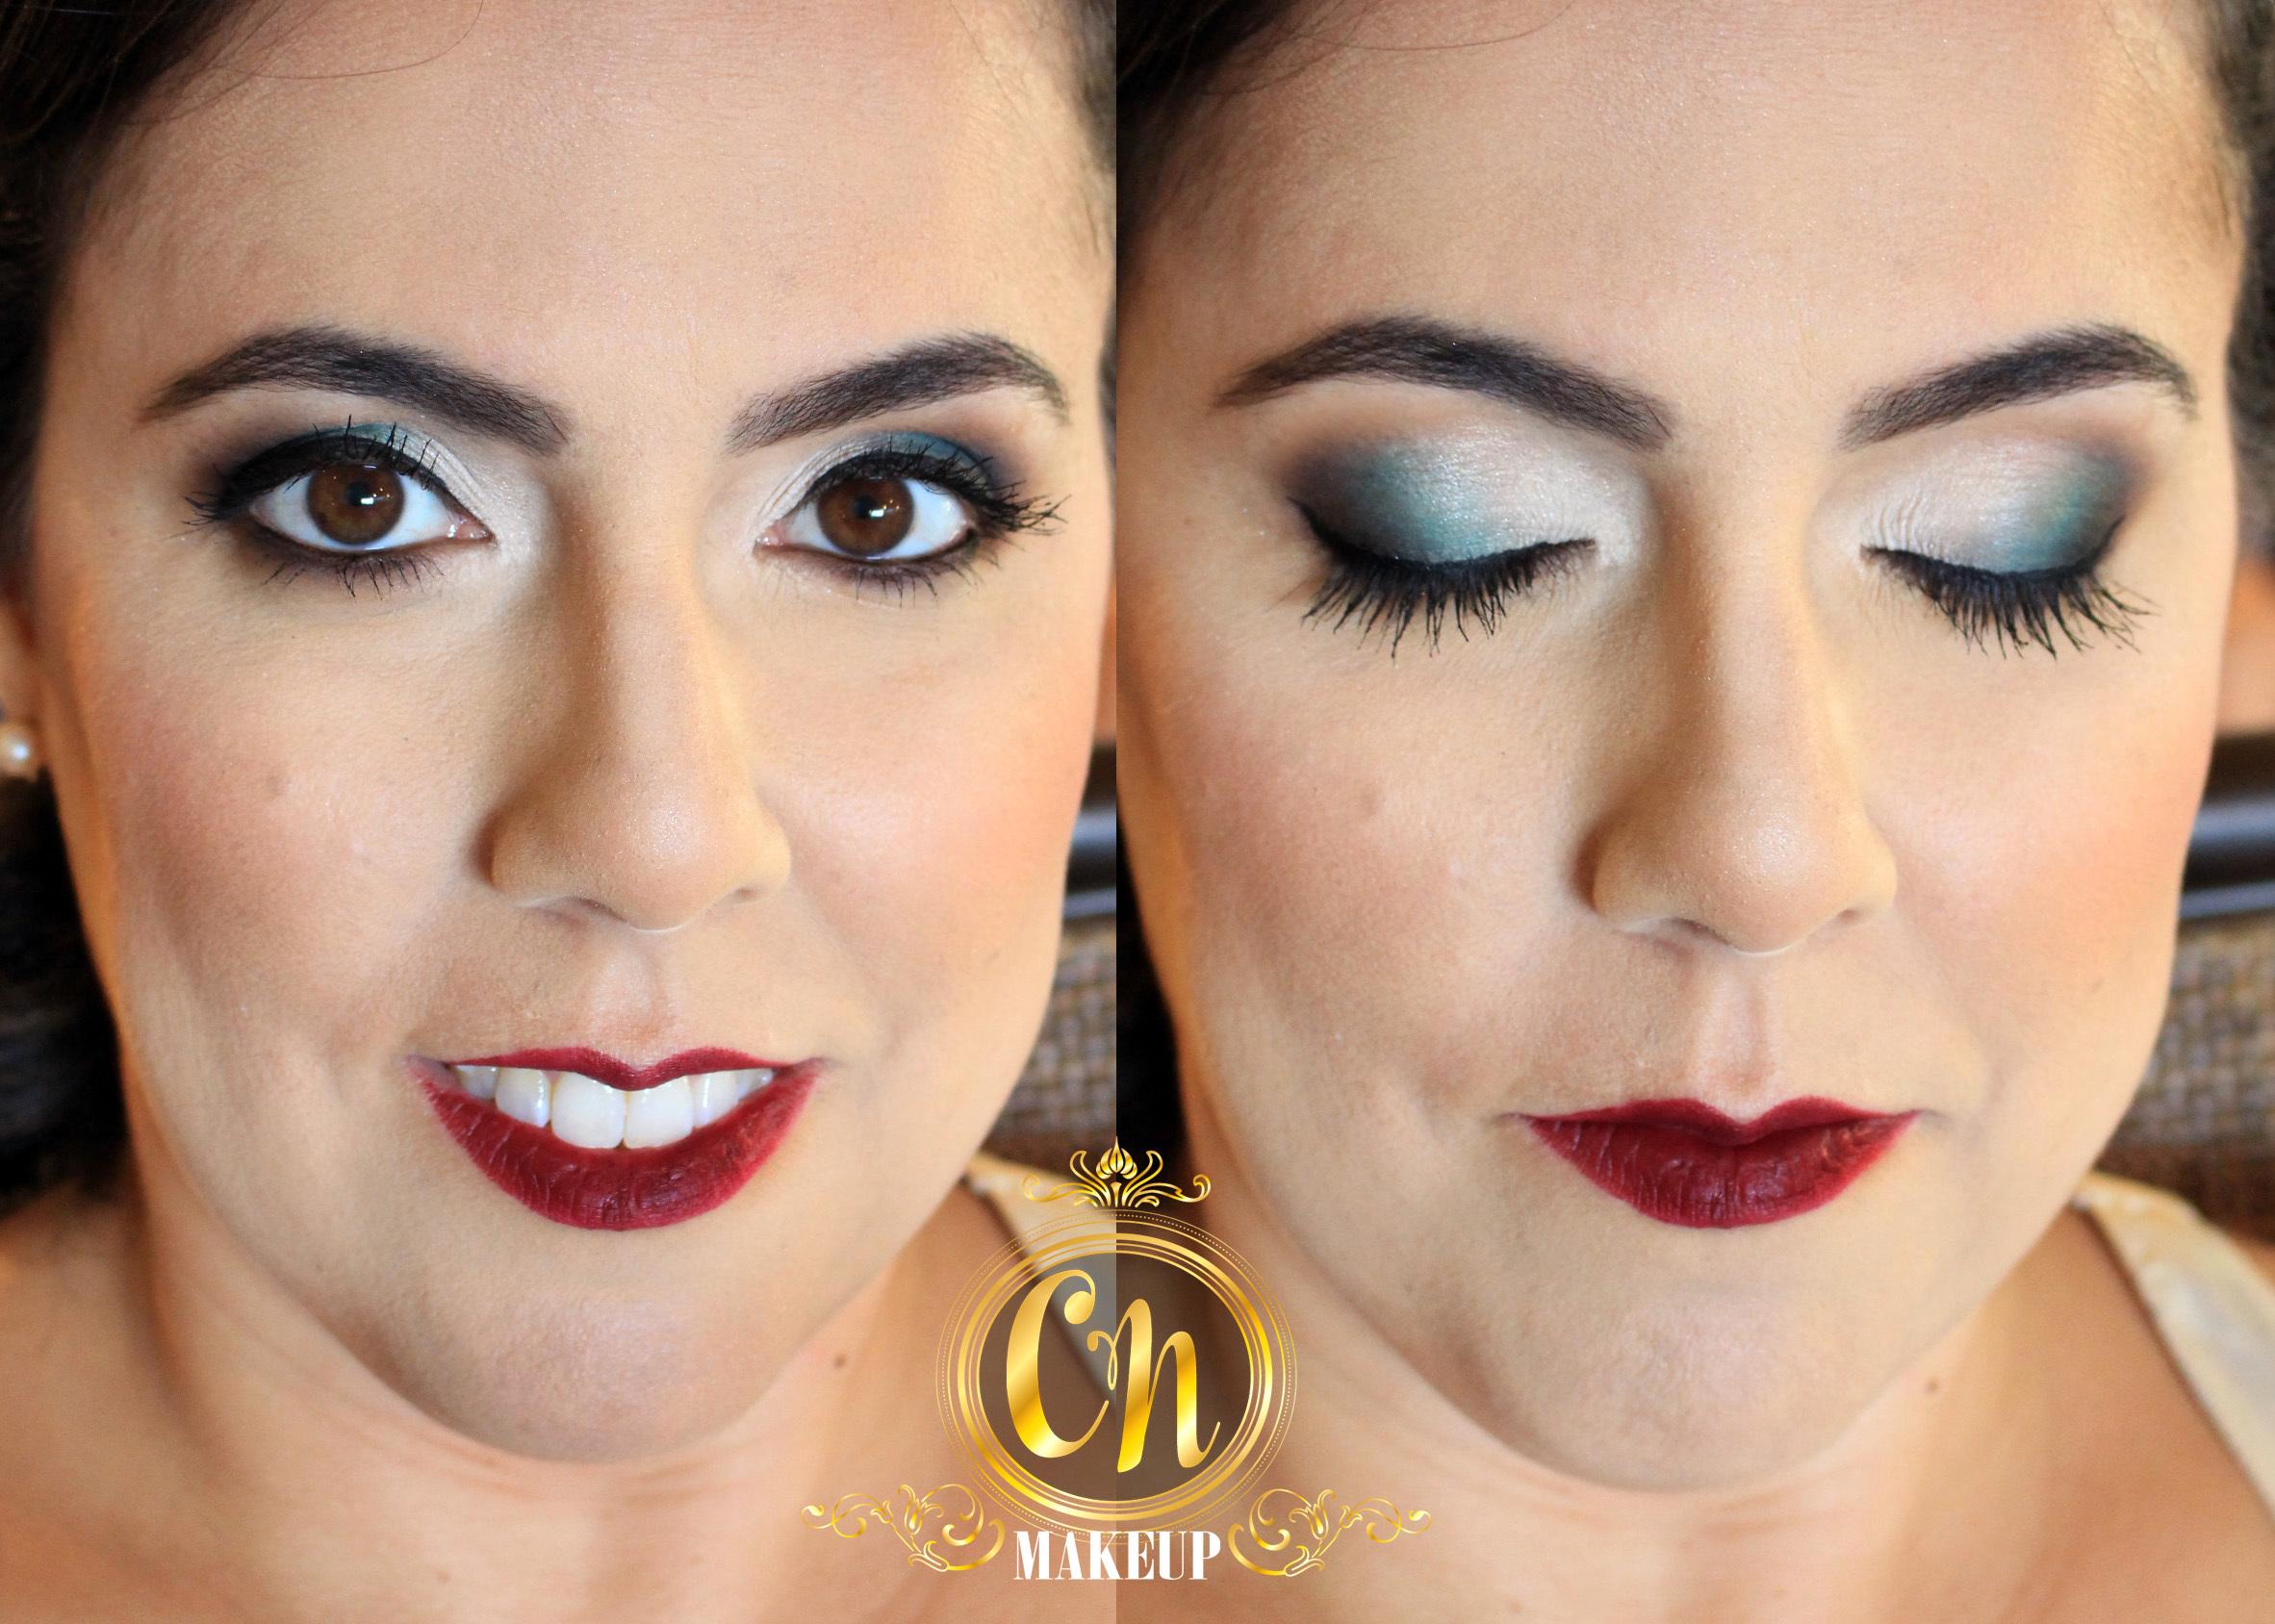 Maquiagem social para convidada de casamento. #costaverde #tabatinga #maquiagem #ubatuba maquiagem maquiador(a)